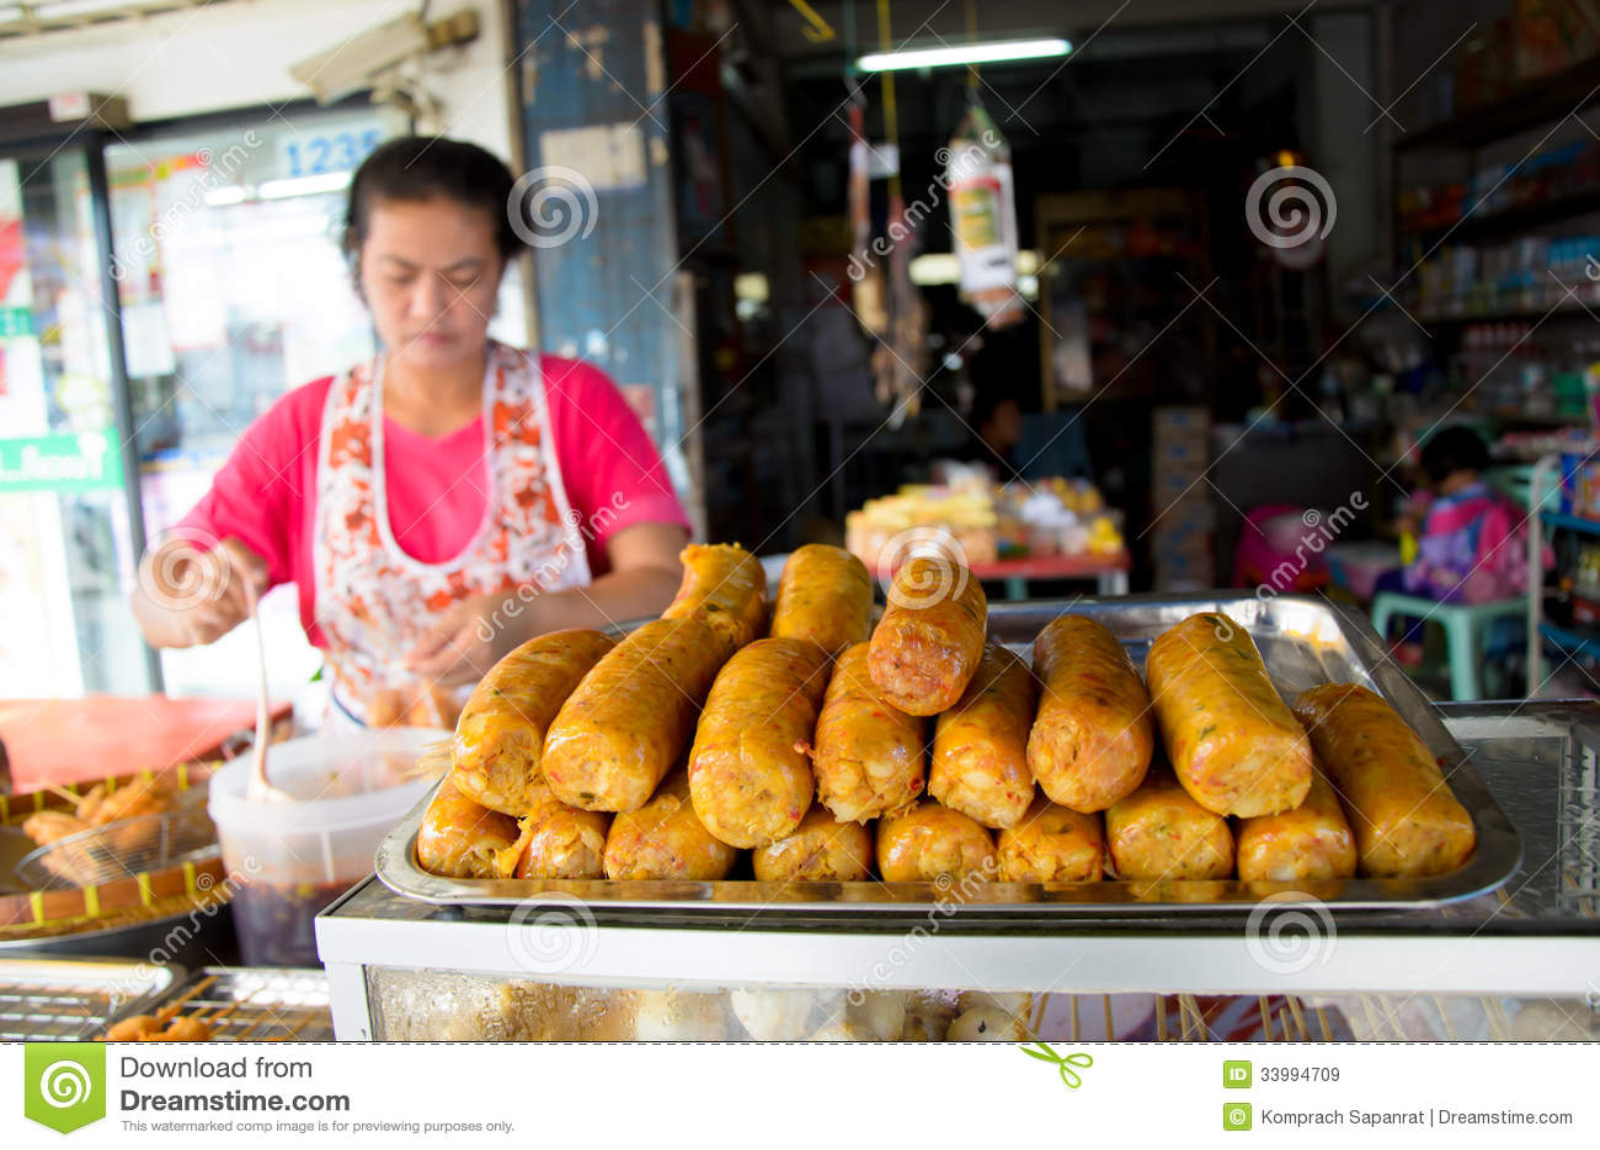 卖香肠的市场妇女。